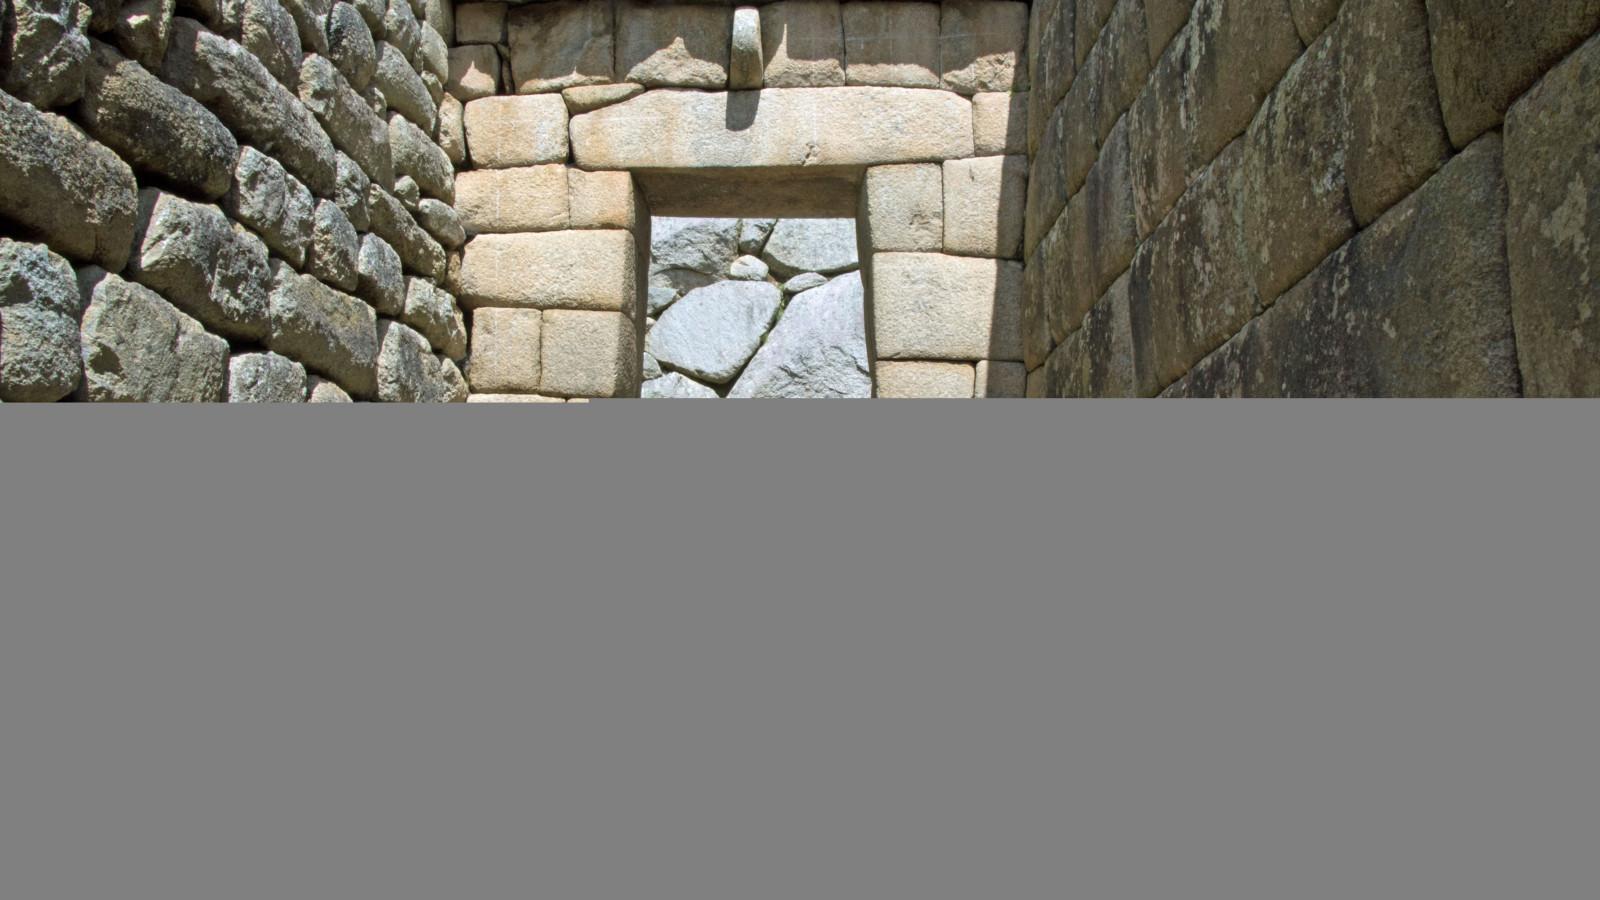 Hintergrundbilder : die Architektur, Mauer, Holz, Symmetrie, Säule ...